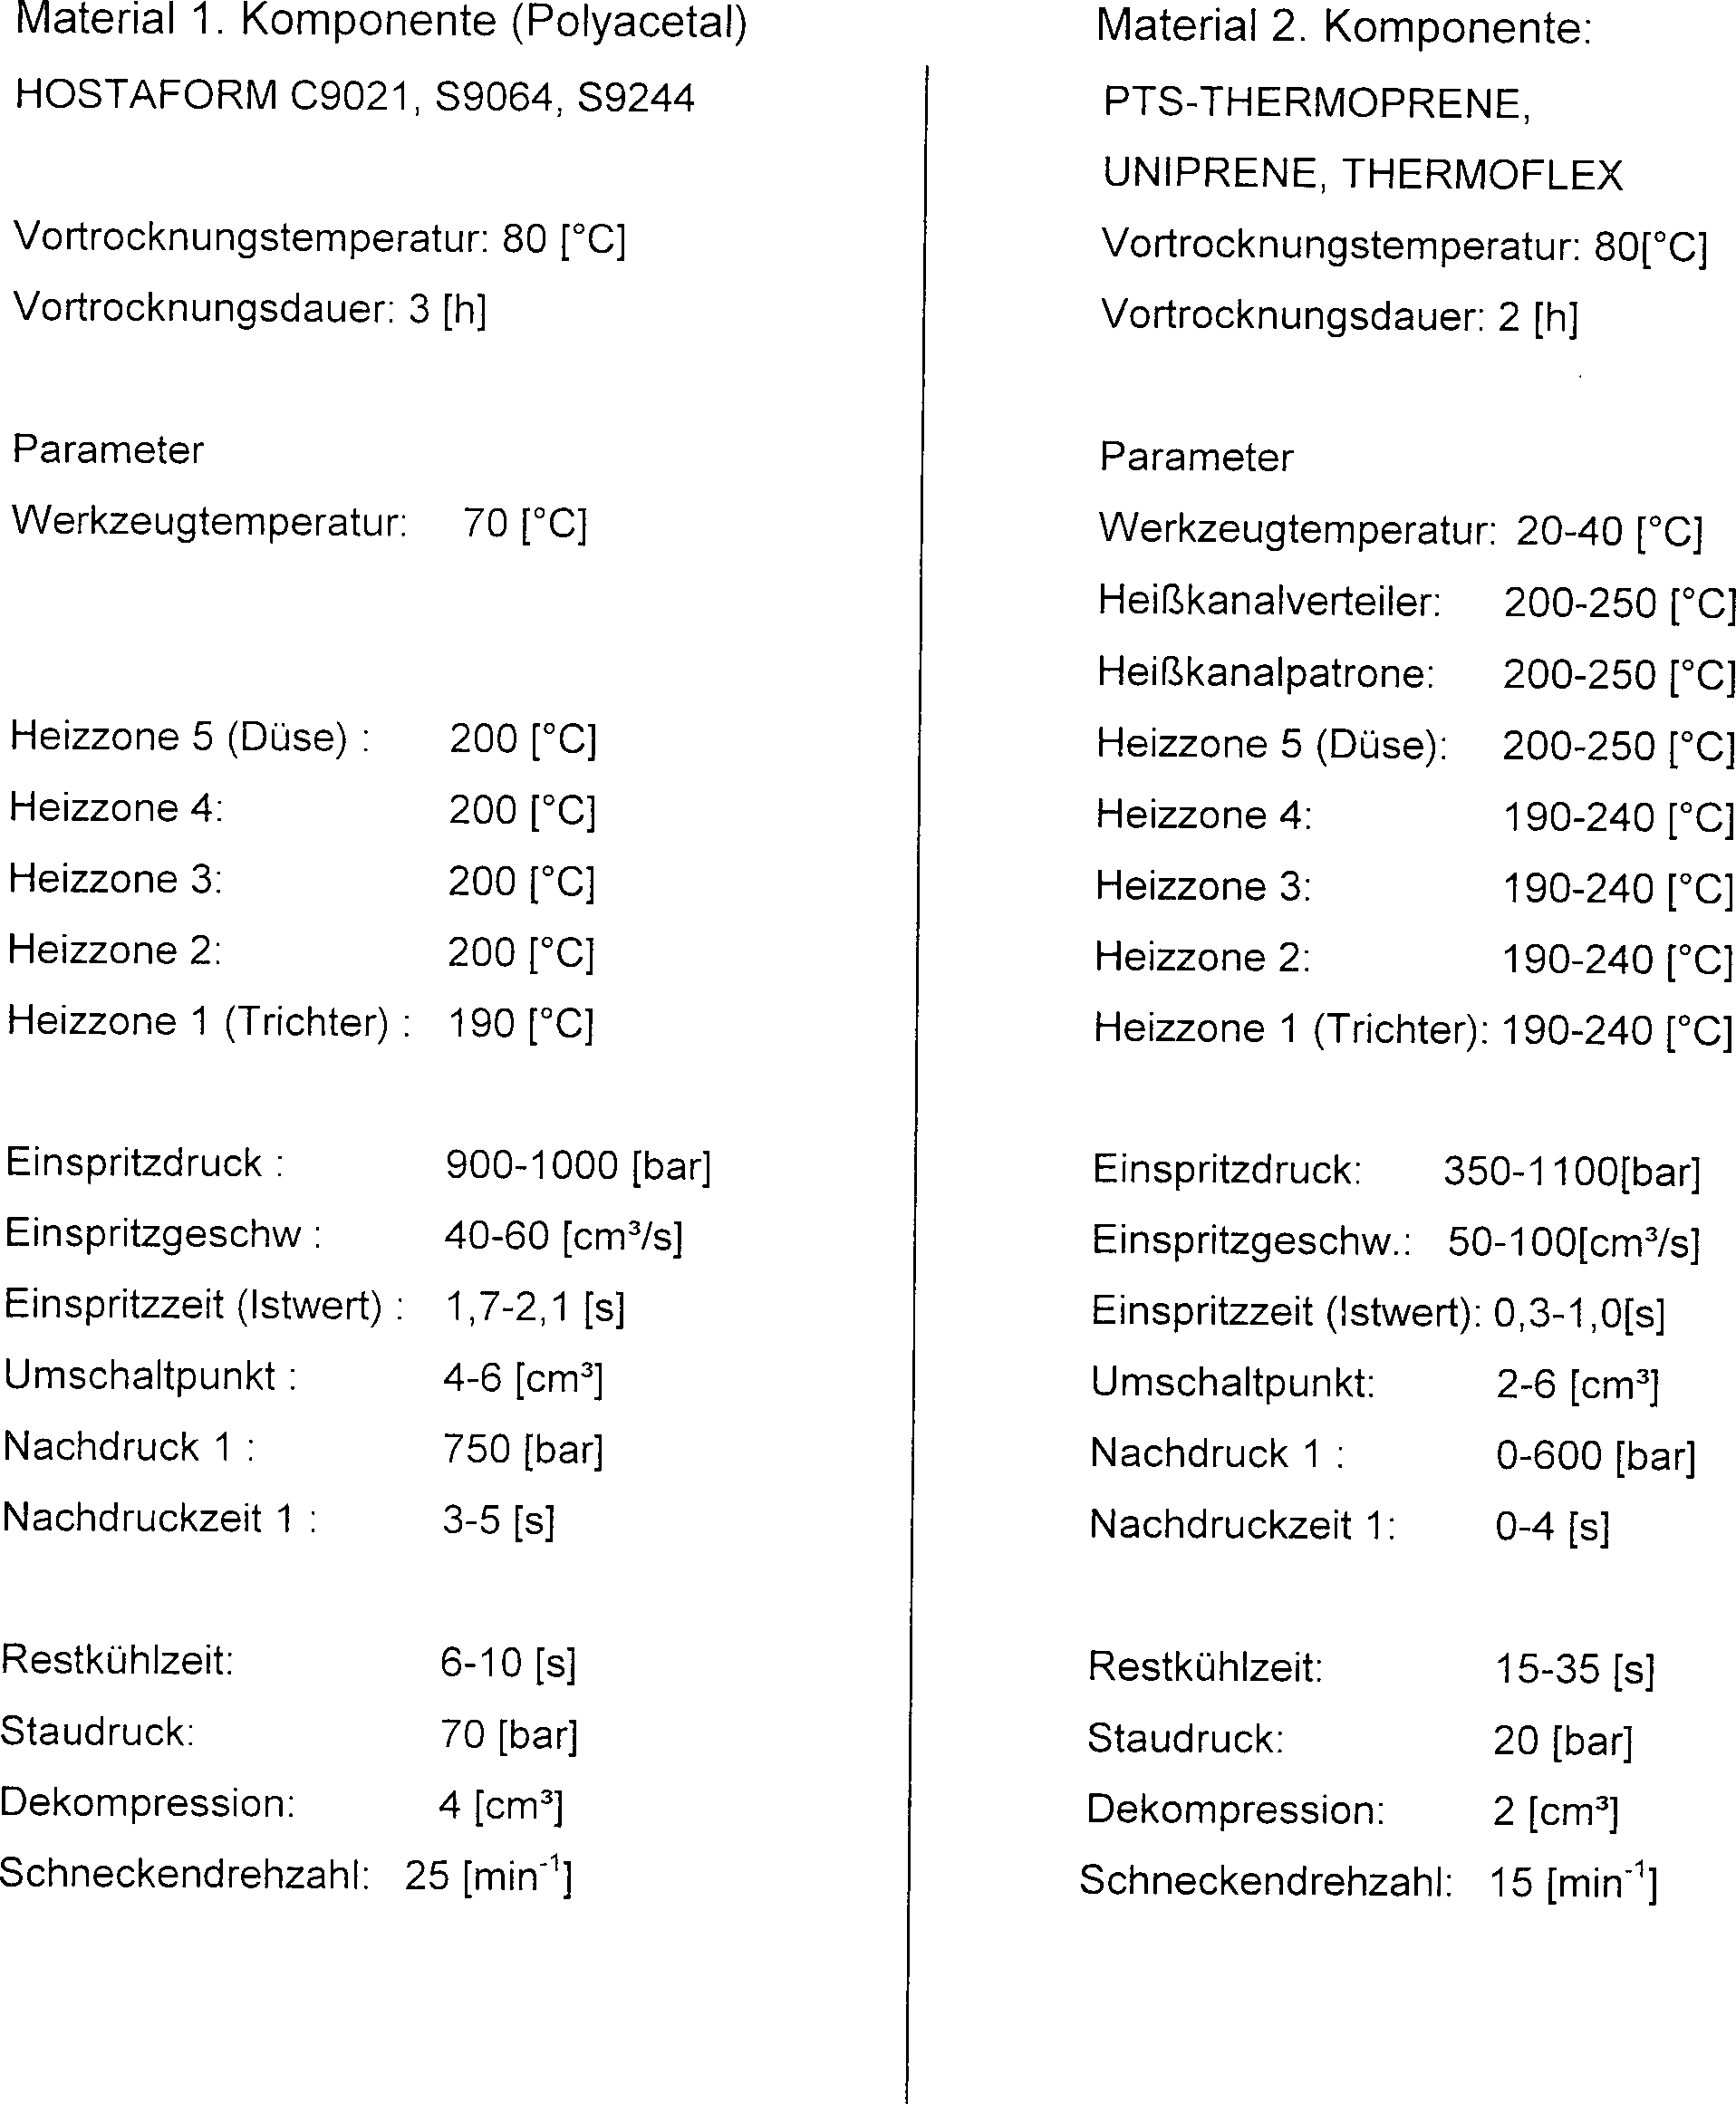 DE102004047200A1 - Composite body composed of polyacetal and